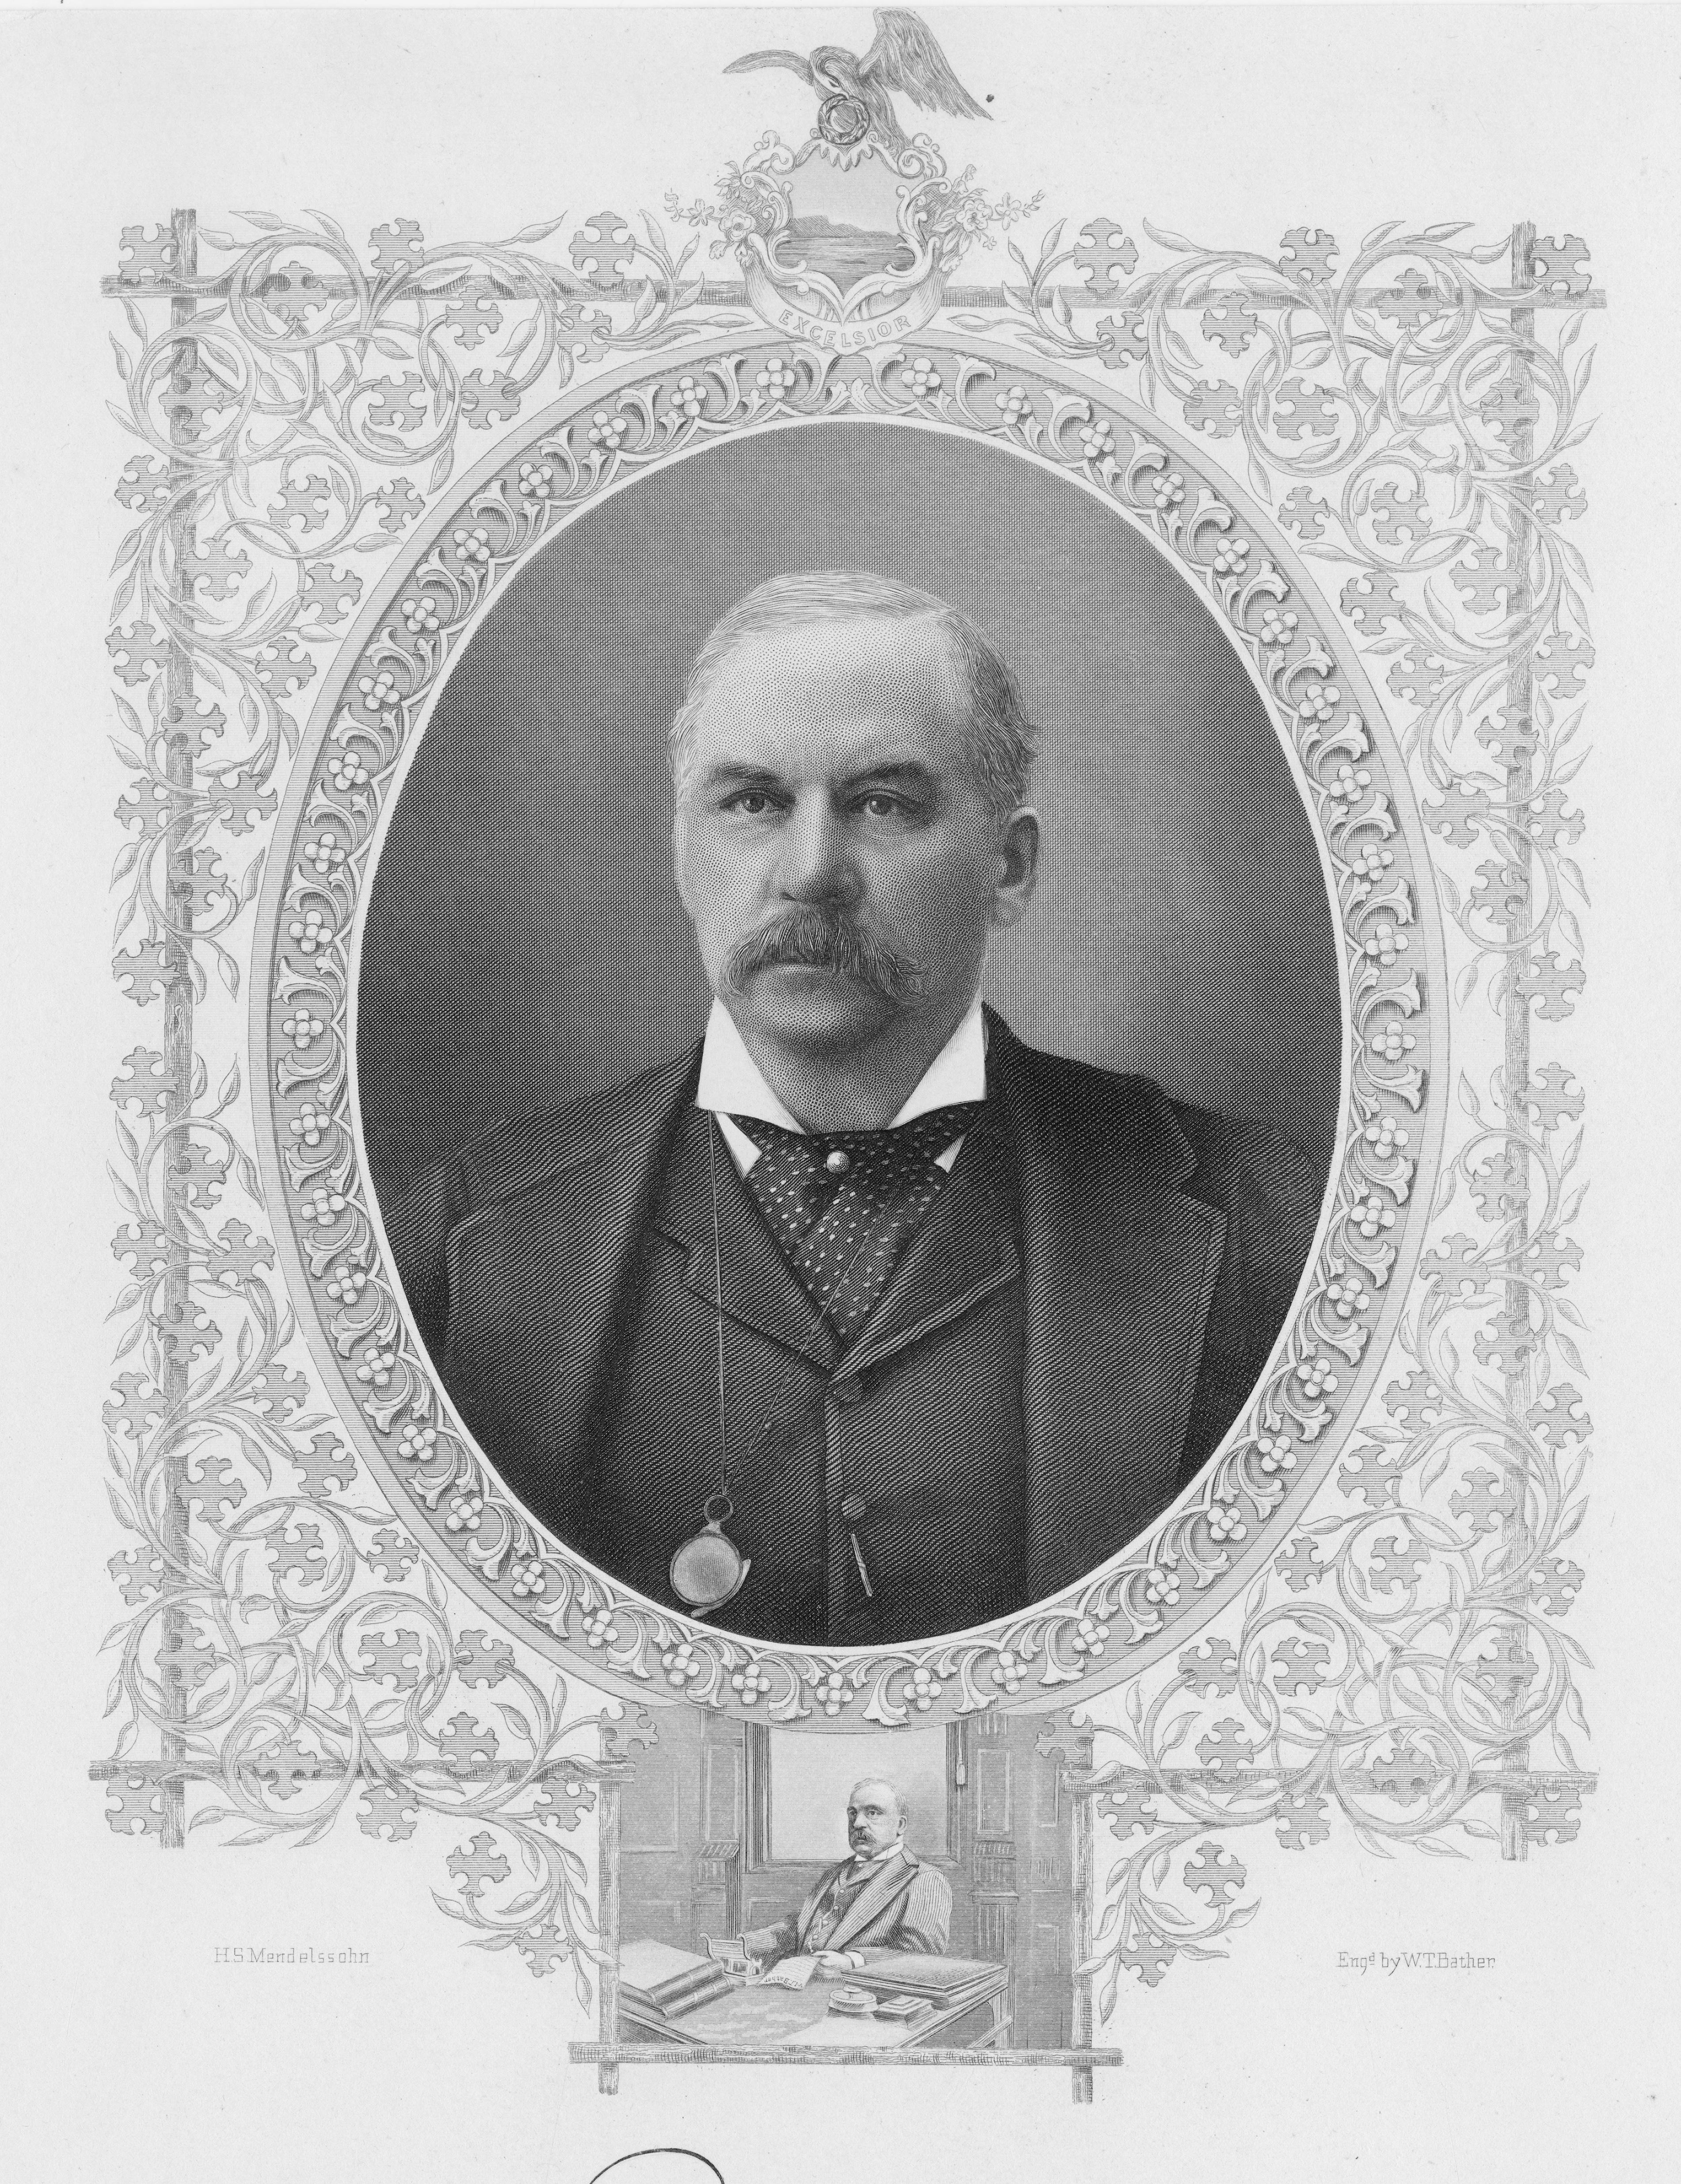 J. Pierpont Morgan